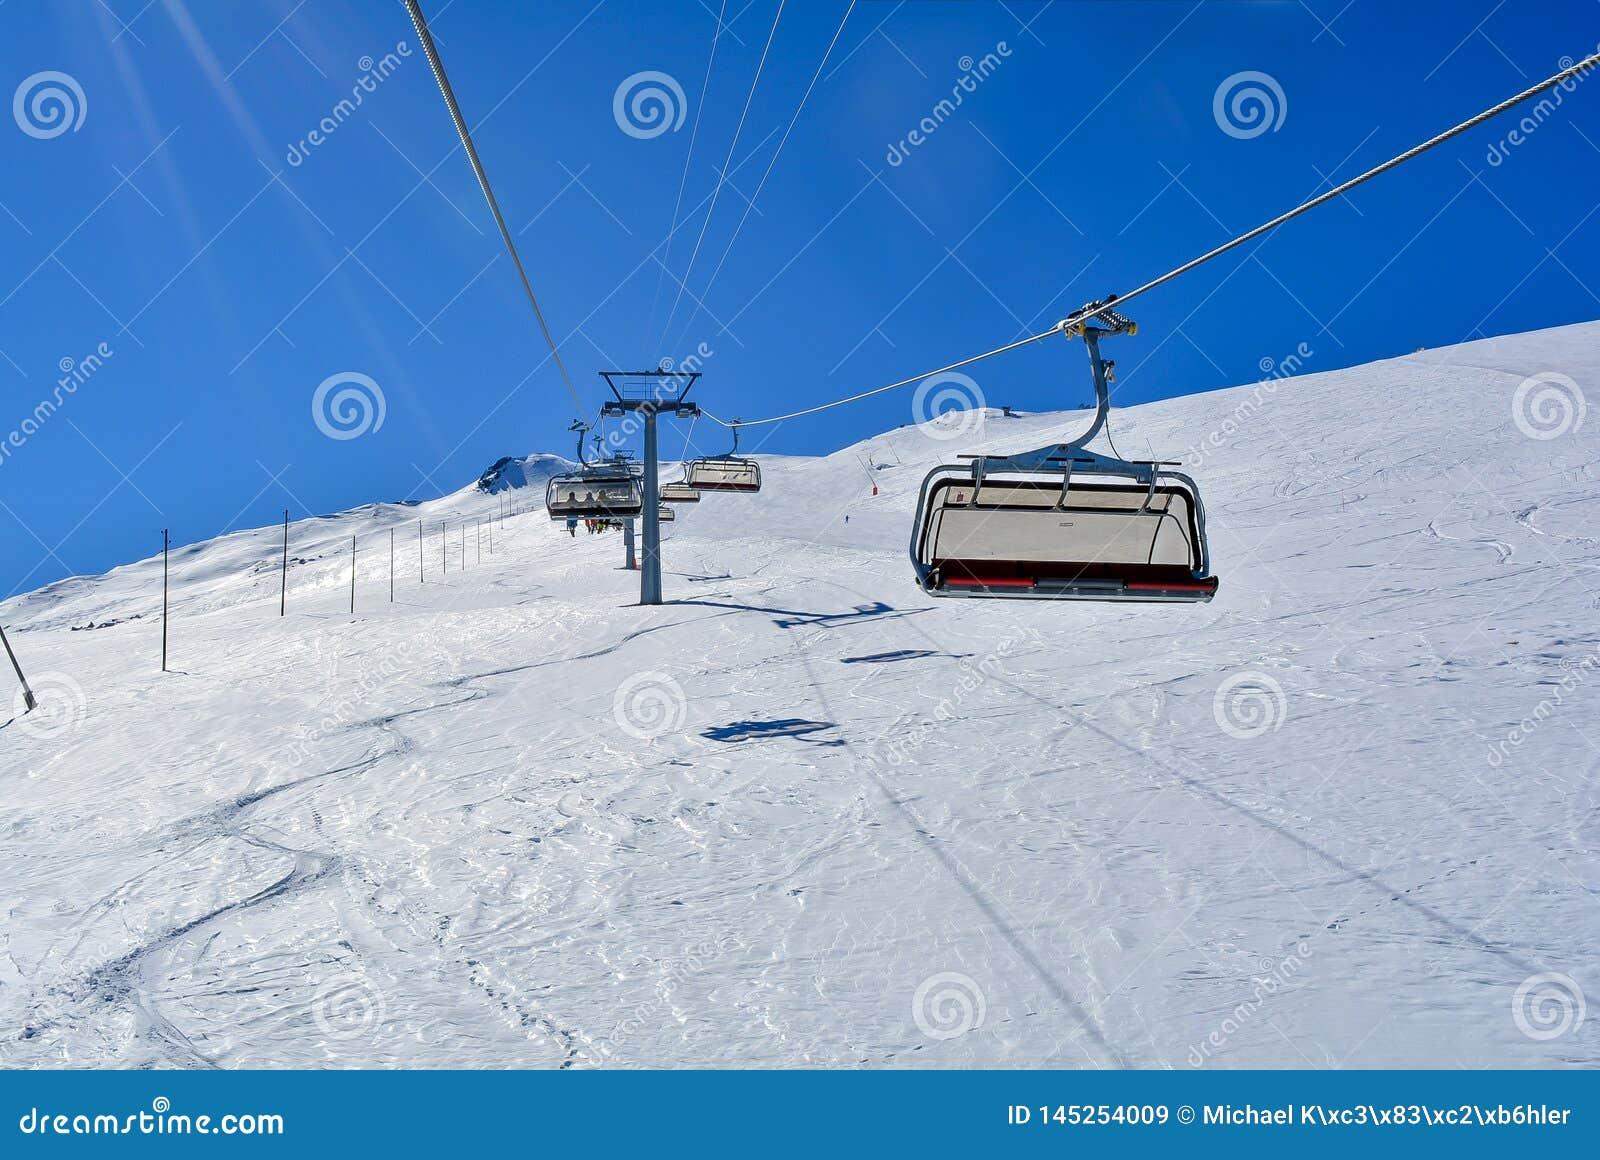 Eine Sesselbahn in den Alpen mit Sonnenschein